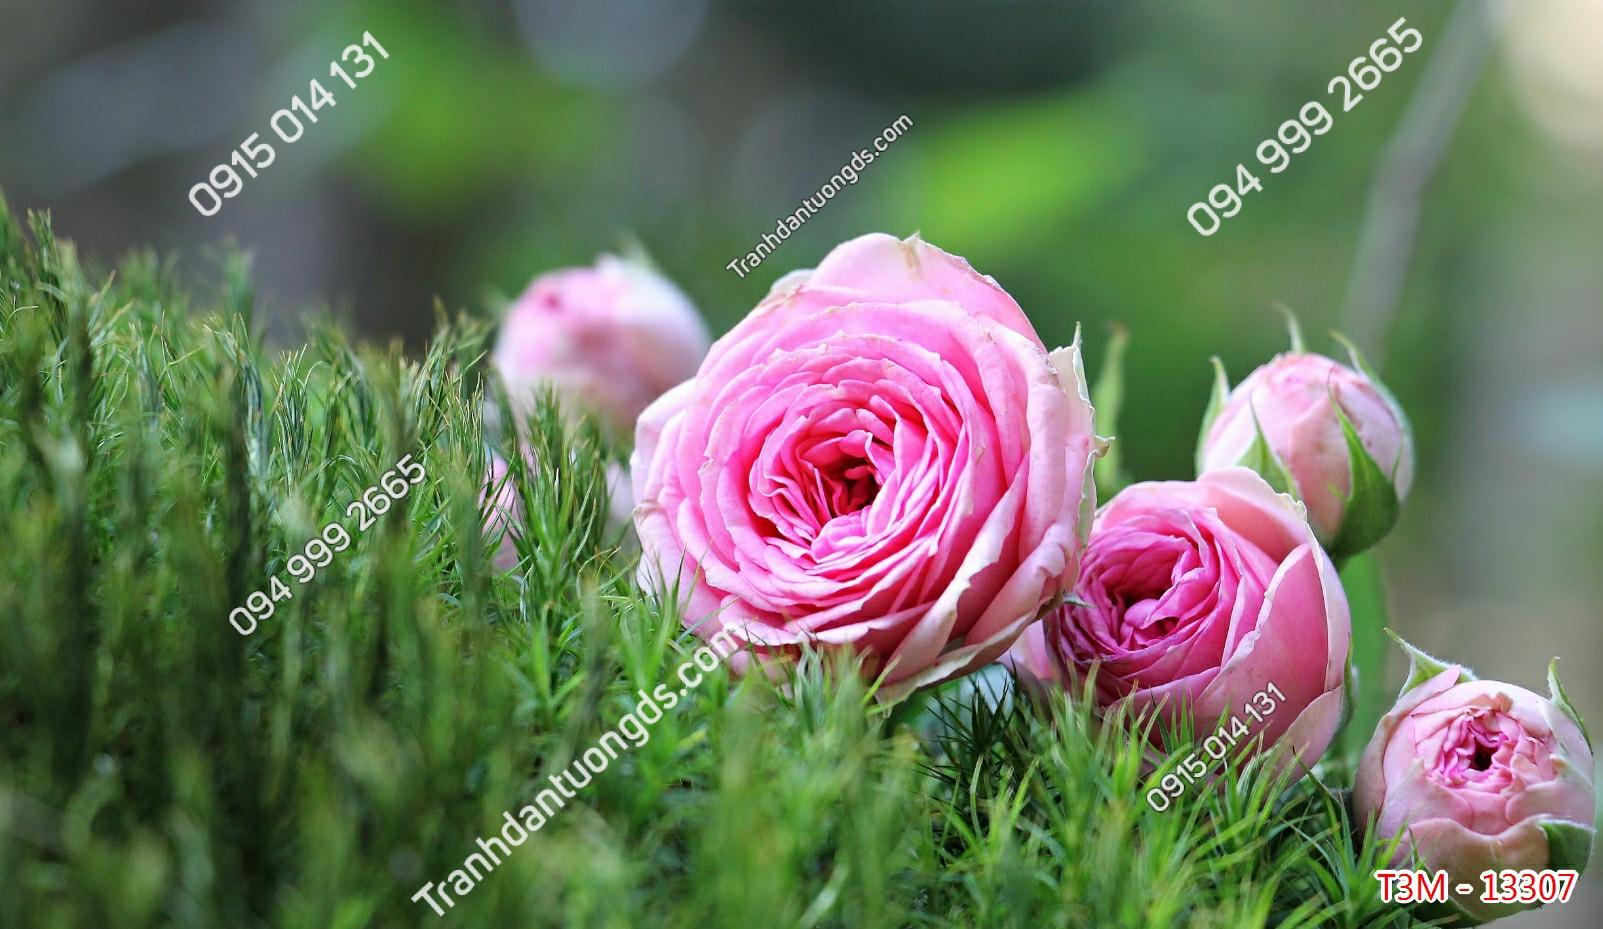 Tranh dán tường hoa hồng trên cỏ - 13307 demo